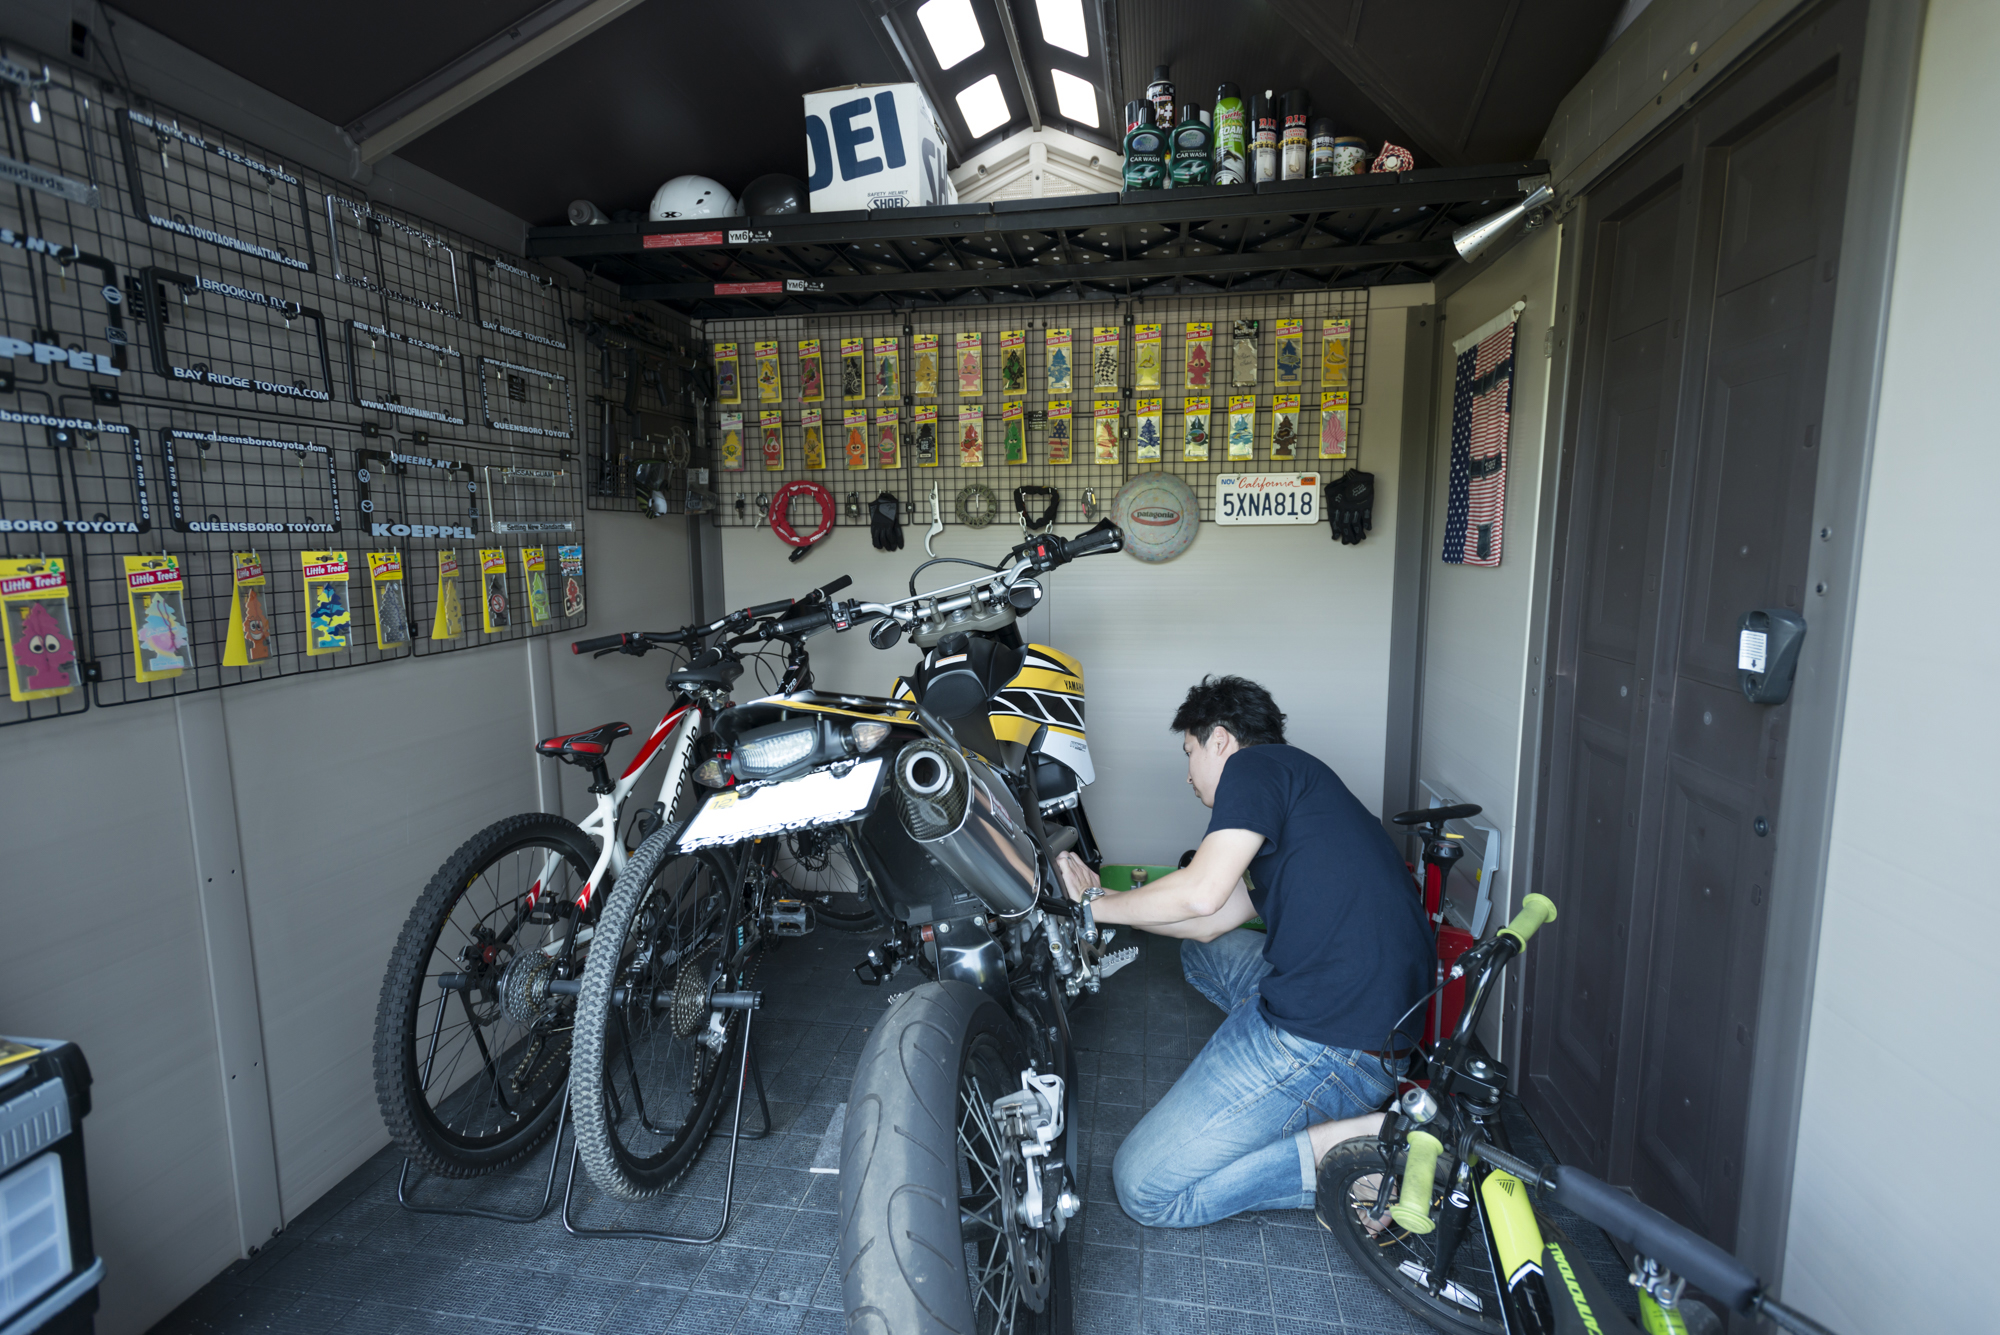 ご主人の趣味のひとつであるバイクを楽しむためのインナーガレージ